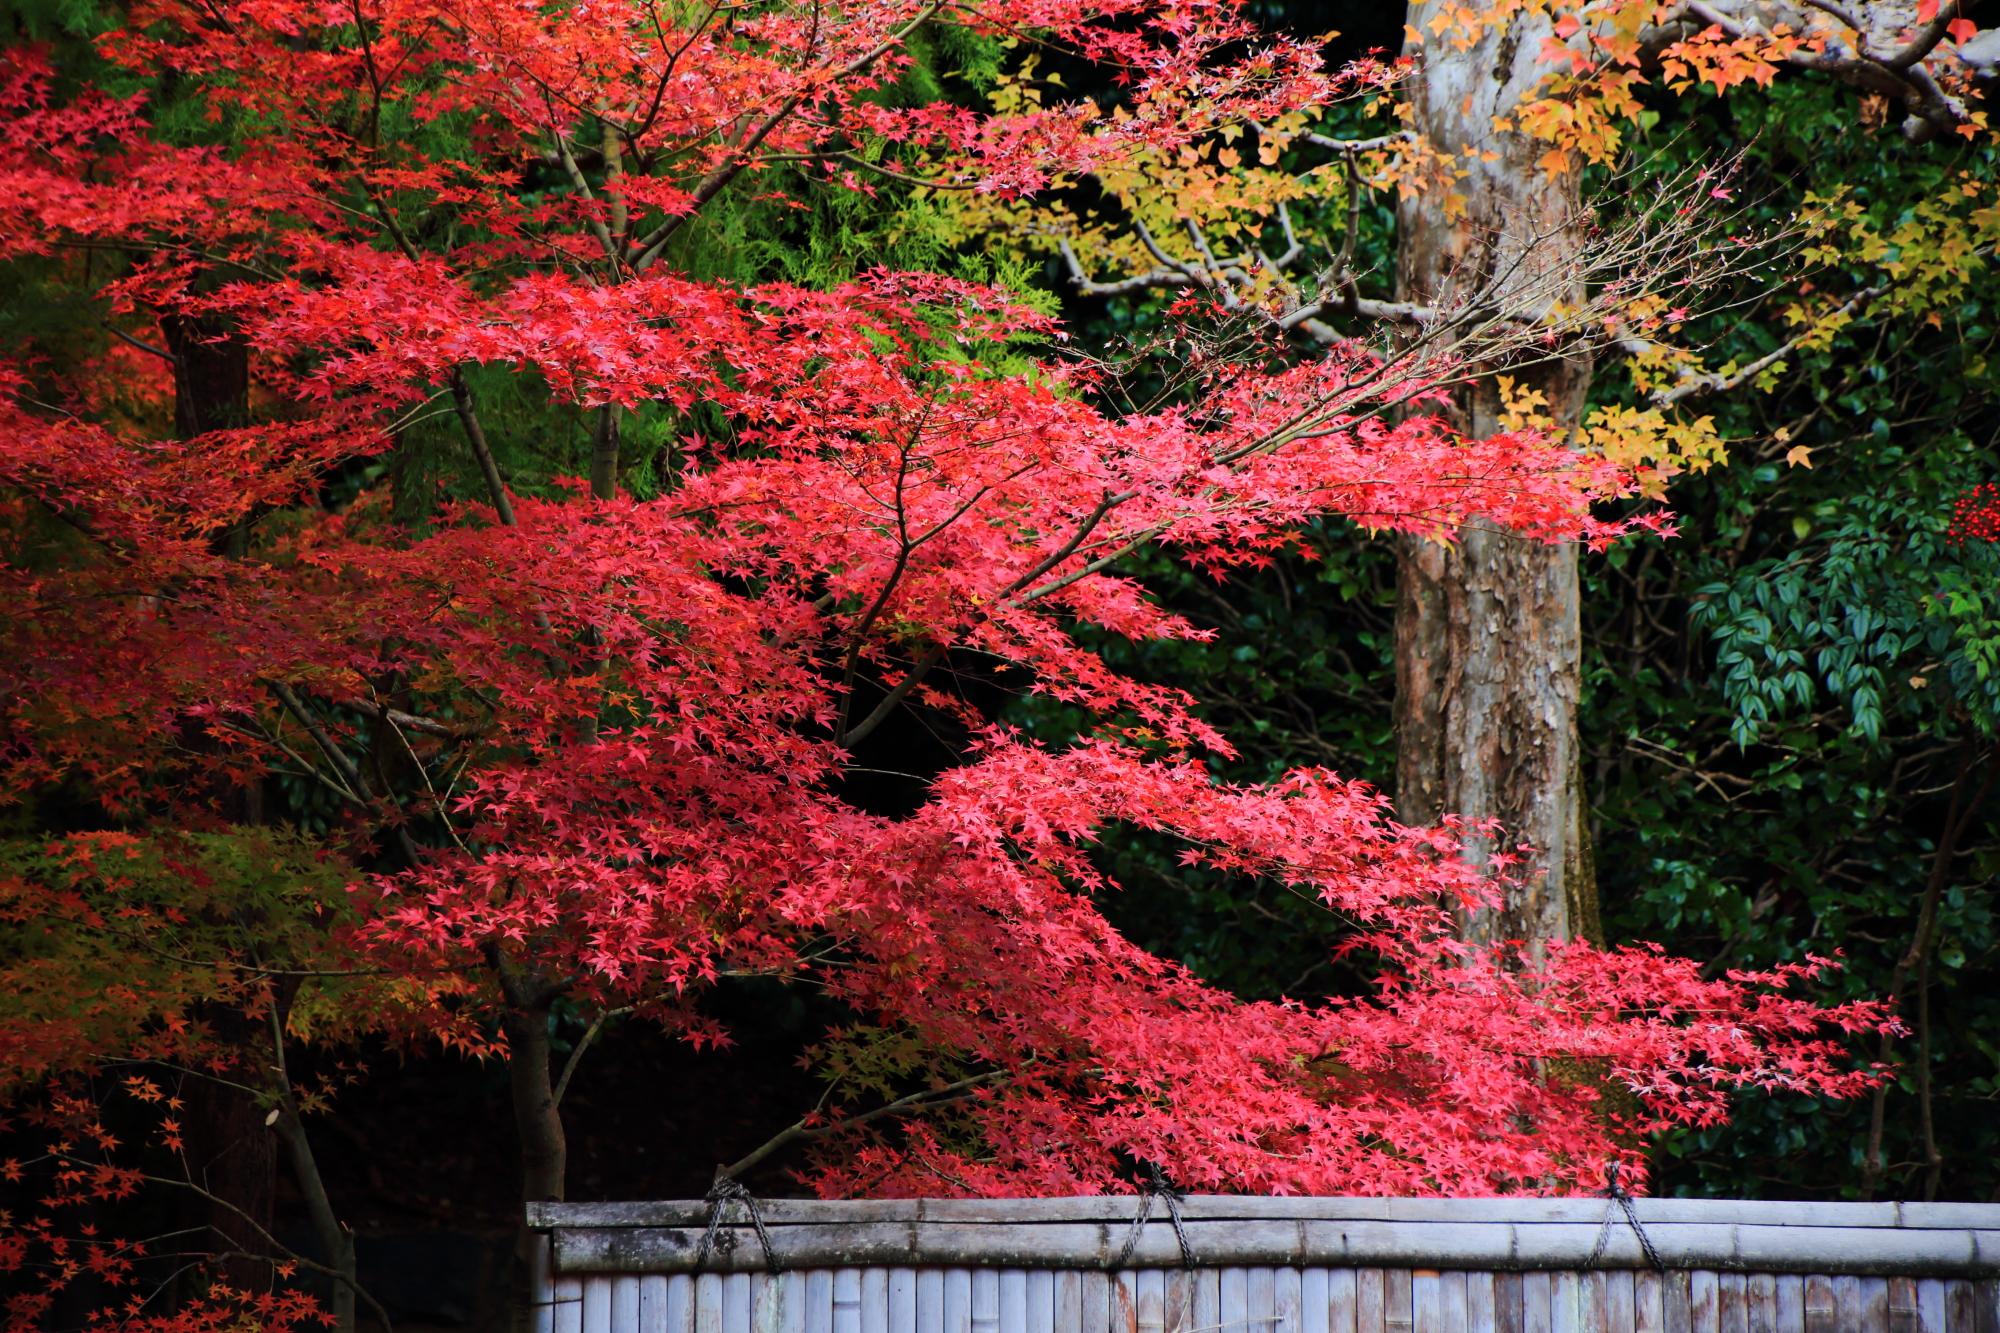 もみじの名所の東福寺塔頭龍吟庵の不離の庭の見ごろの鮮やかな紅葉